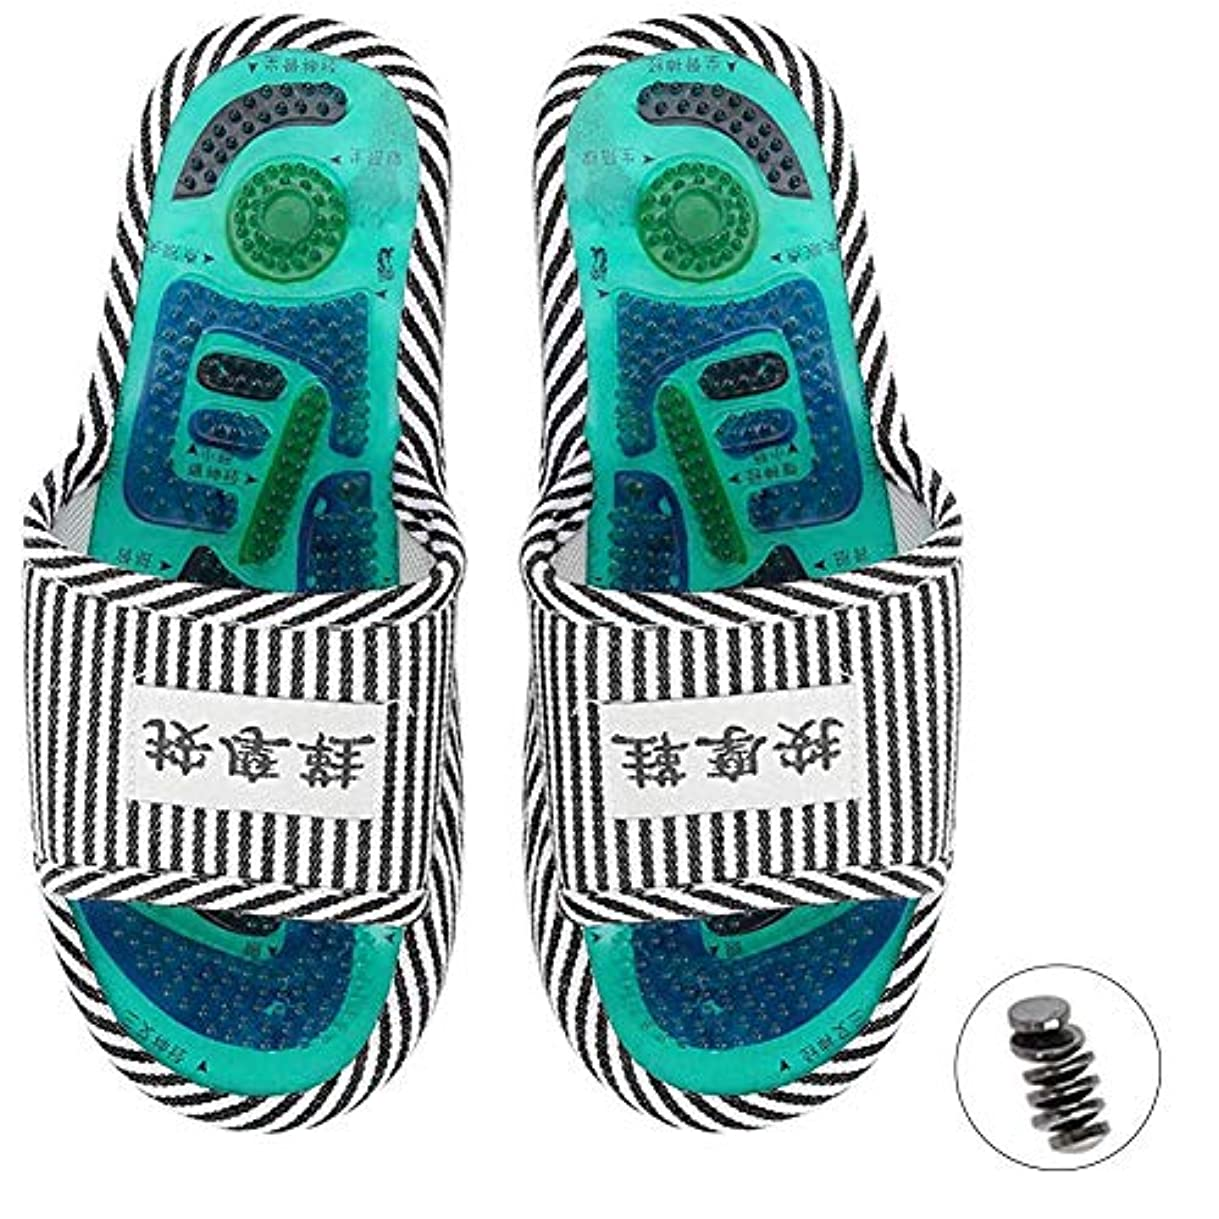 生命体雪誇張するマッサージスリッパ、足指圧マッサージ 磁気ストーン 健康な足のケア マッサージボール 男性女性用(1)